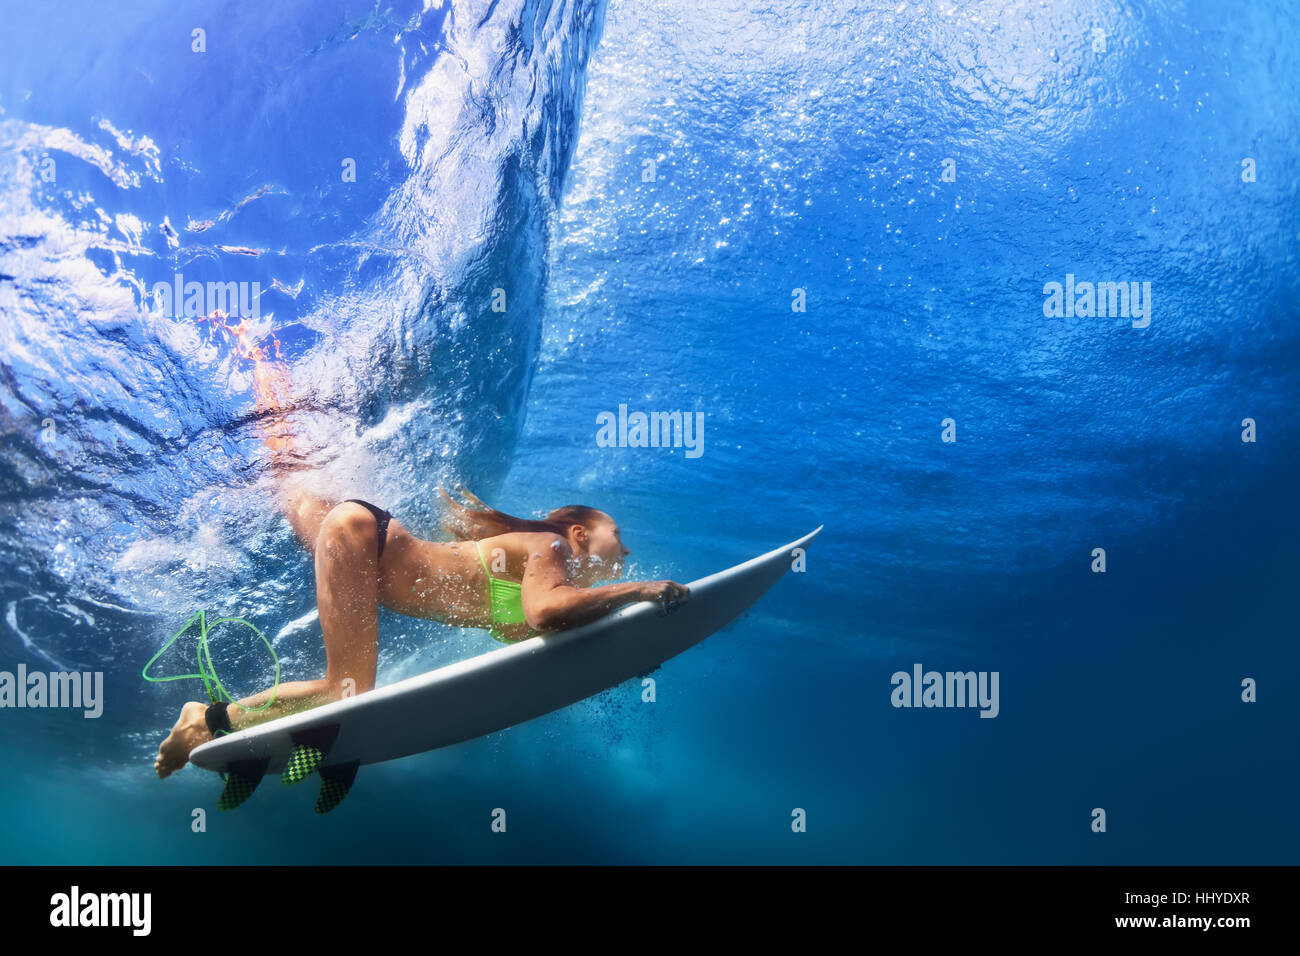 Aktive Mädchen im Bikini in Aktion. Surfer-Frau mit Surf Board Tauchgang unter Wasser unter brechende Welle. Stockbild